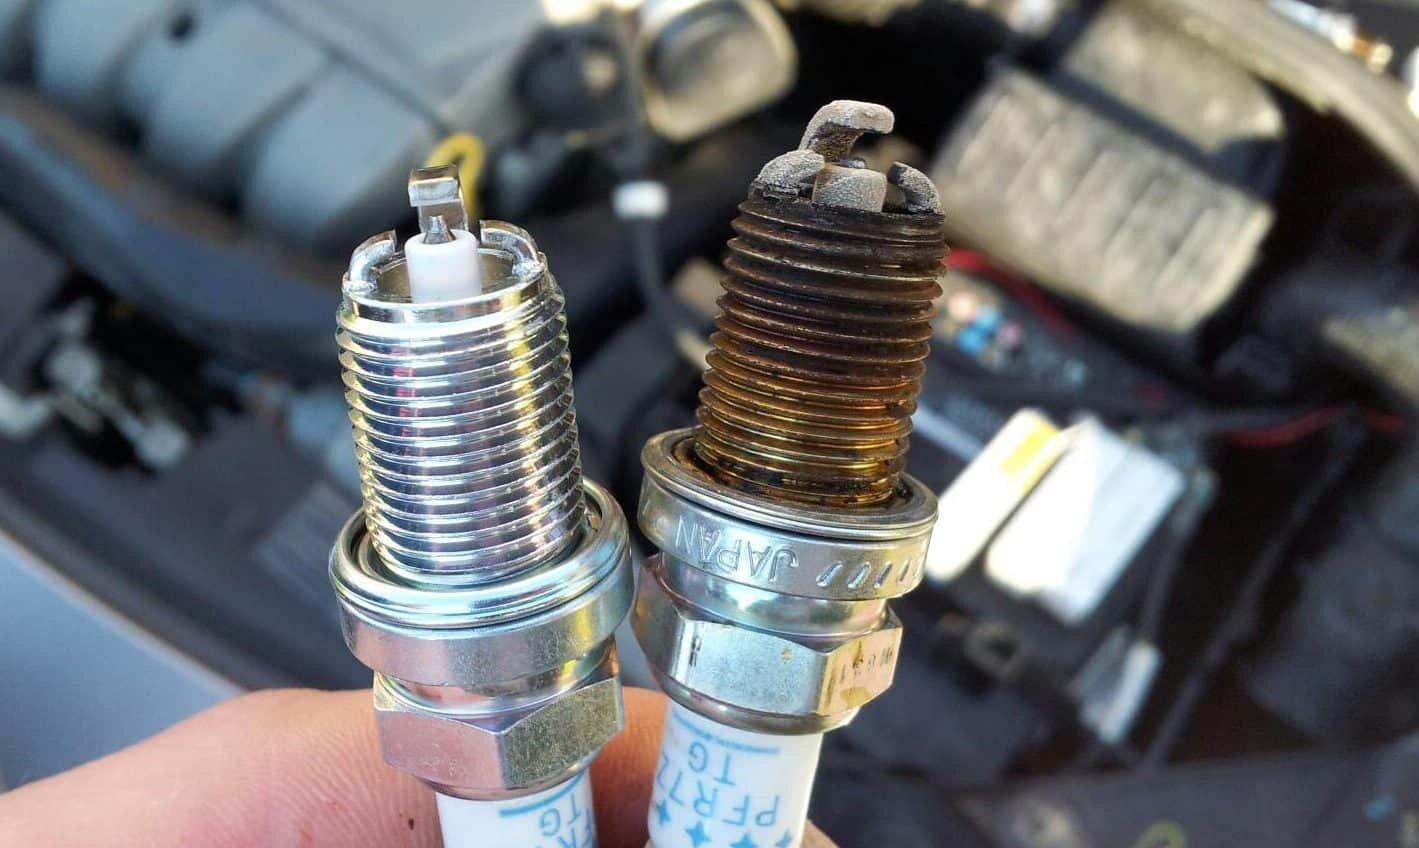 the new spark plug and the damaged spark plug